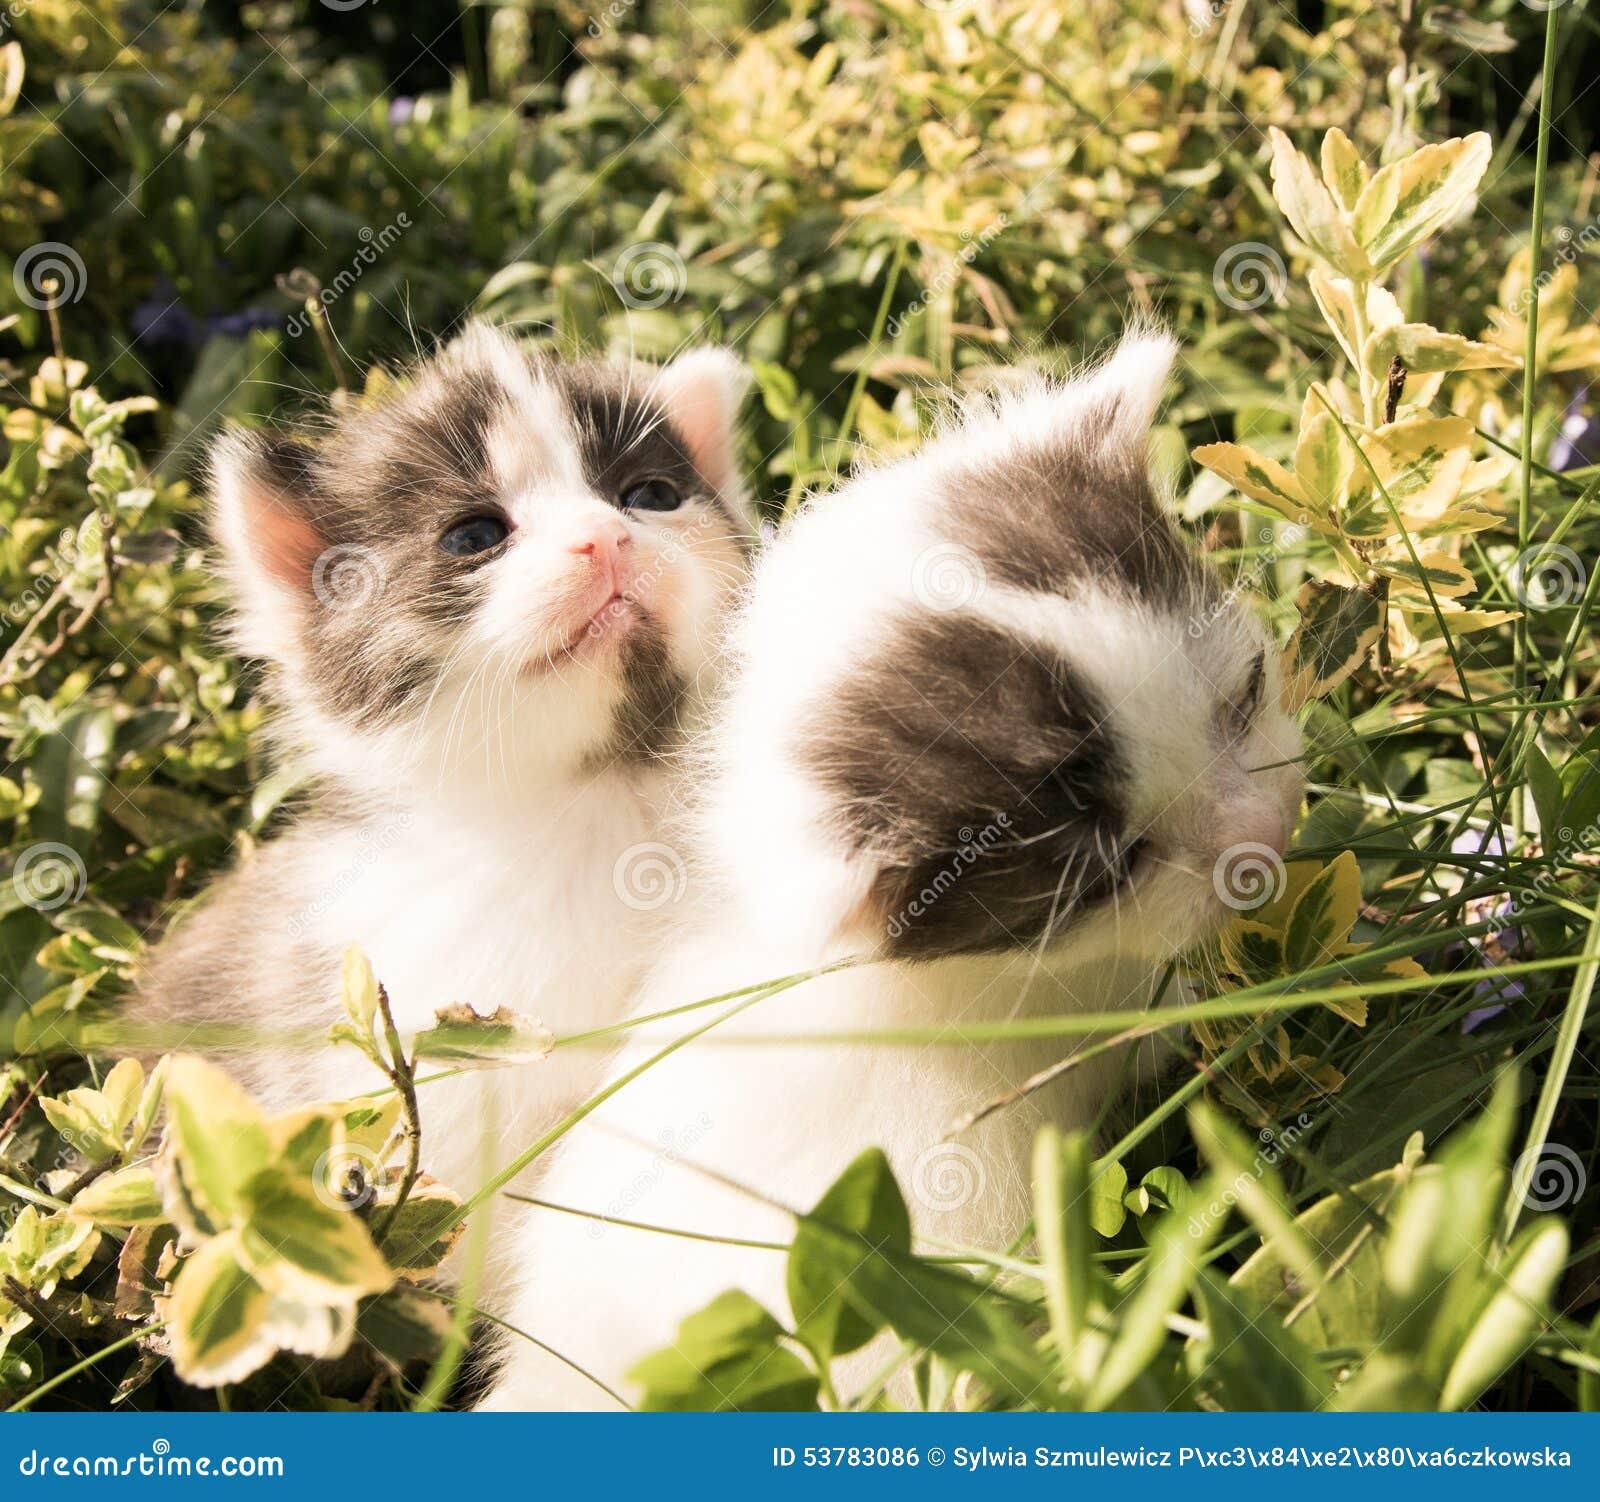 Piękne kociaki